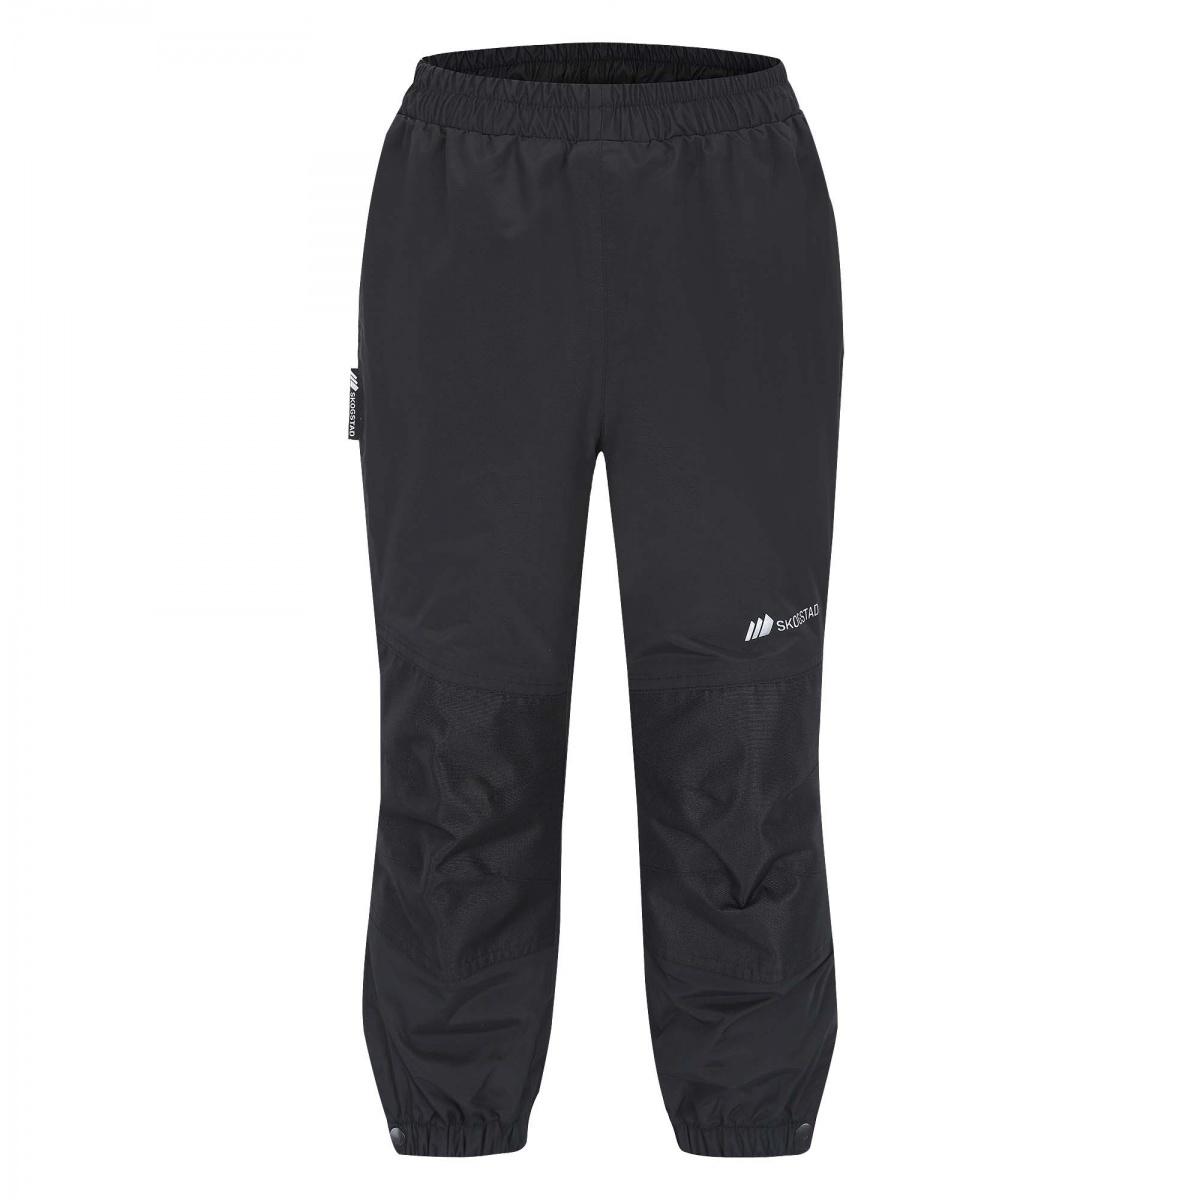 Plain - 2-lags teknisk bukse